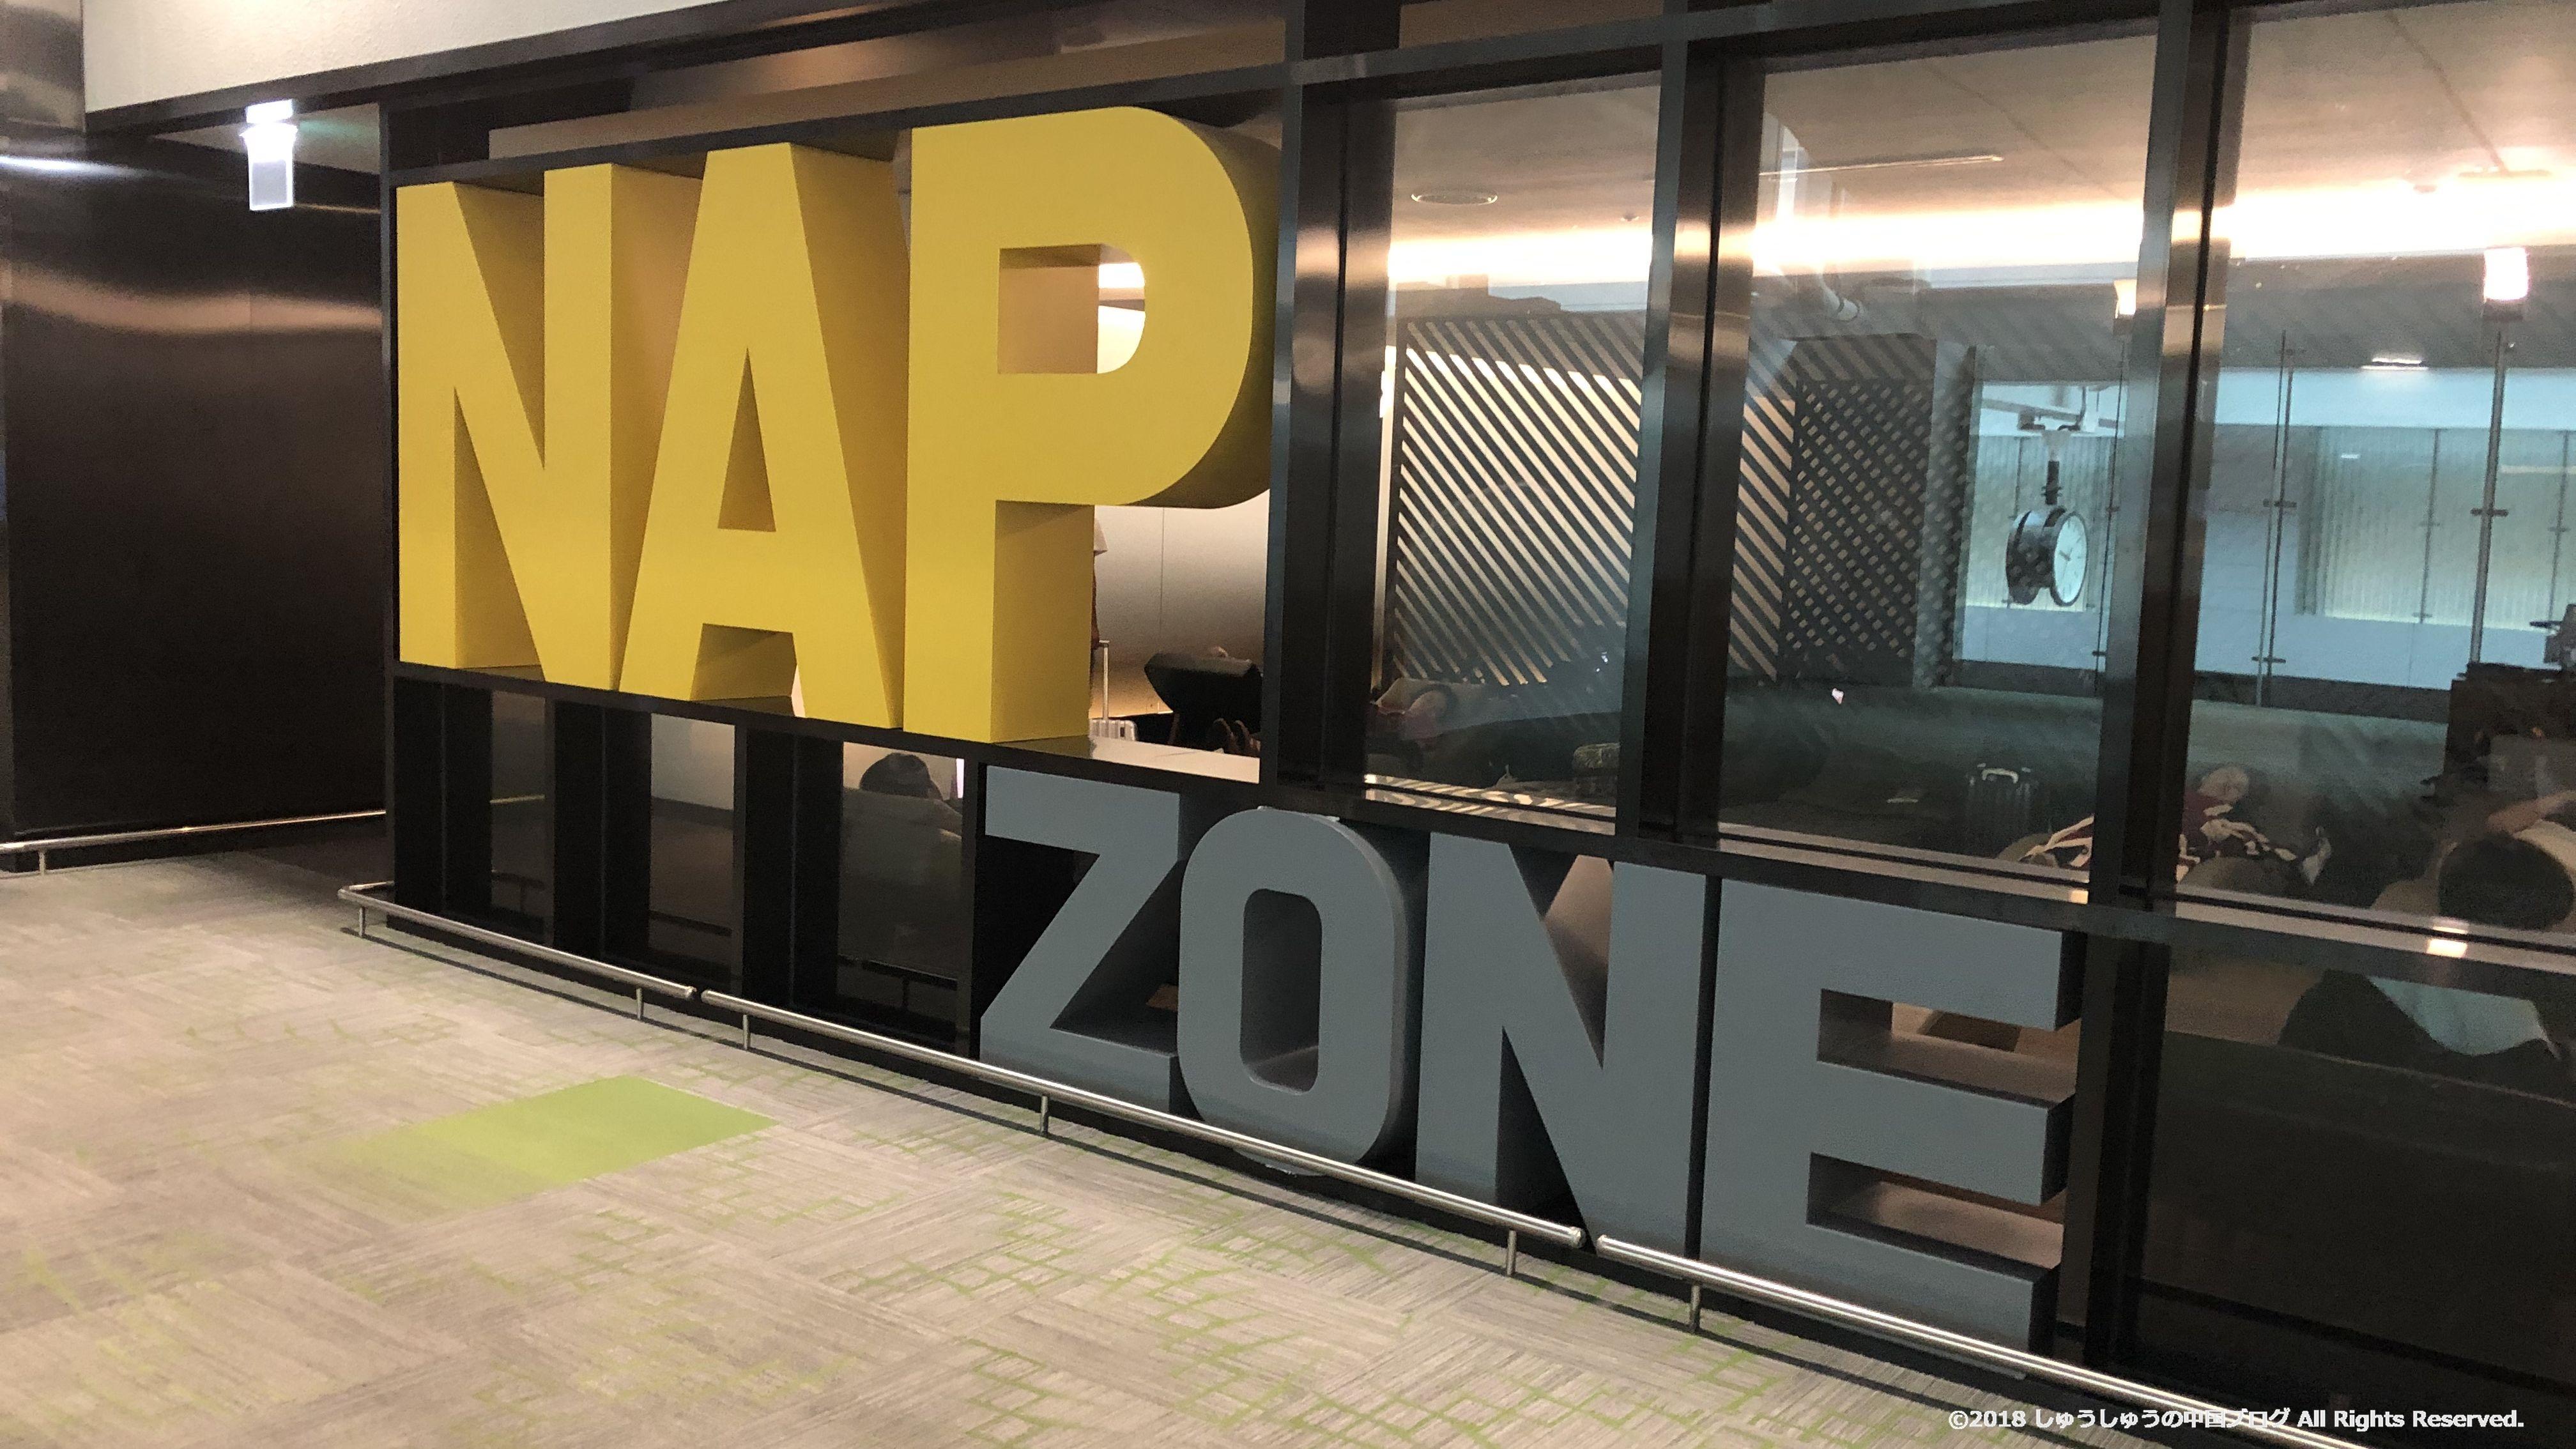 ソウル仁川国際空港 NAP ZONE